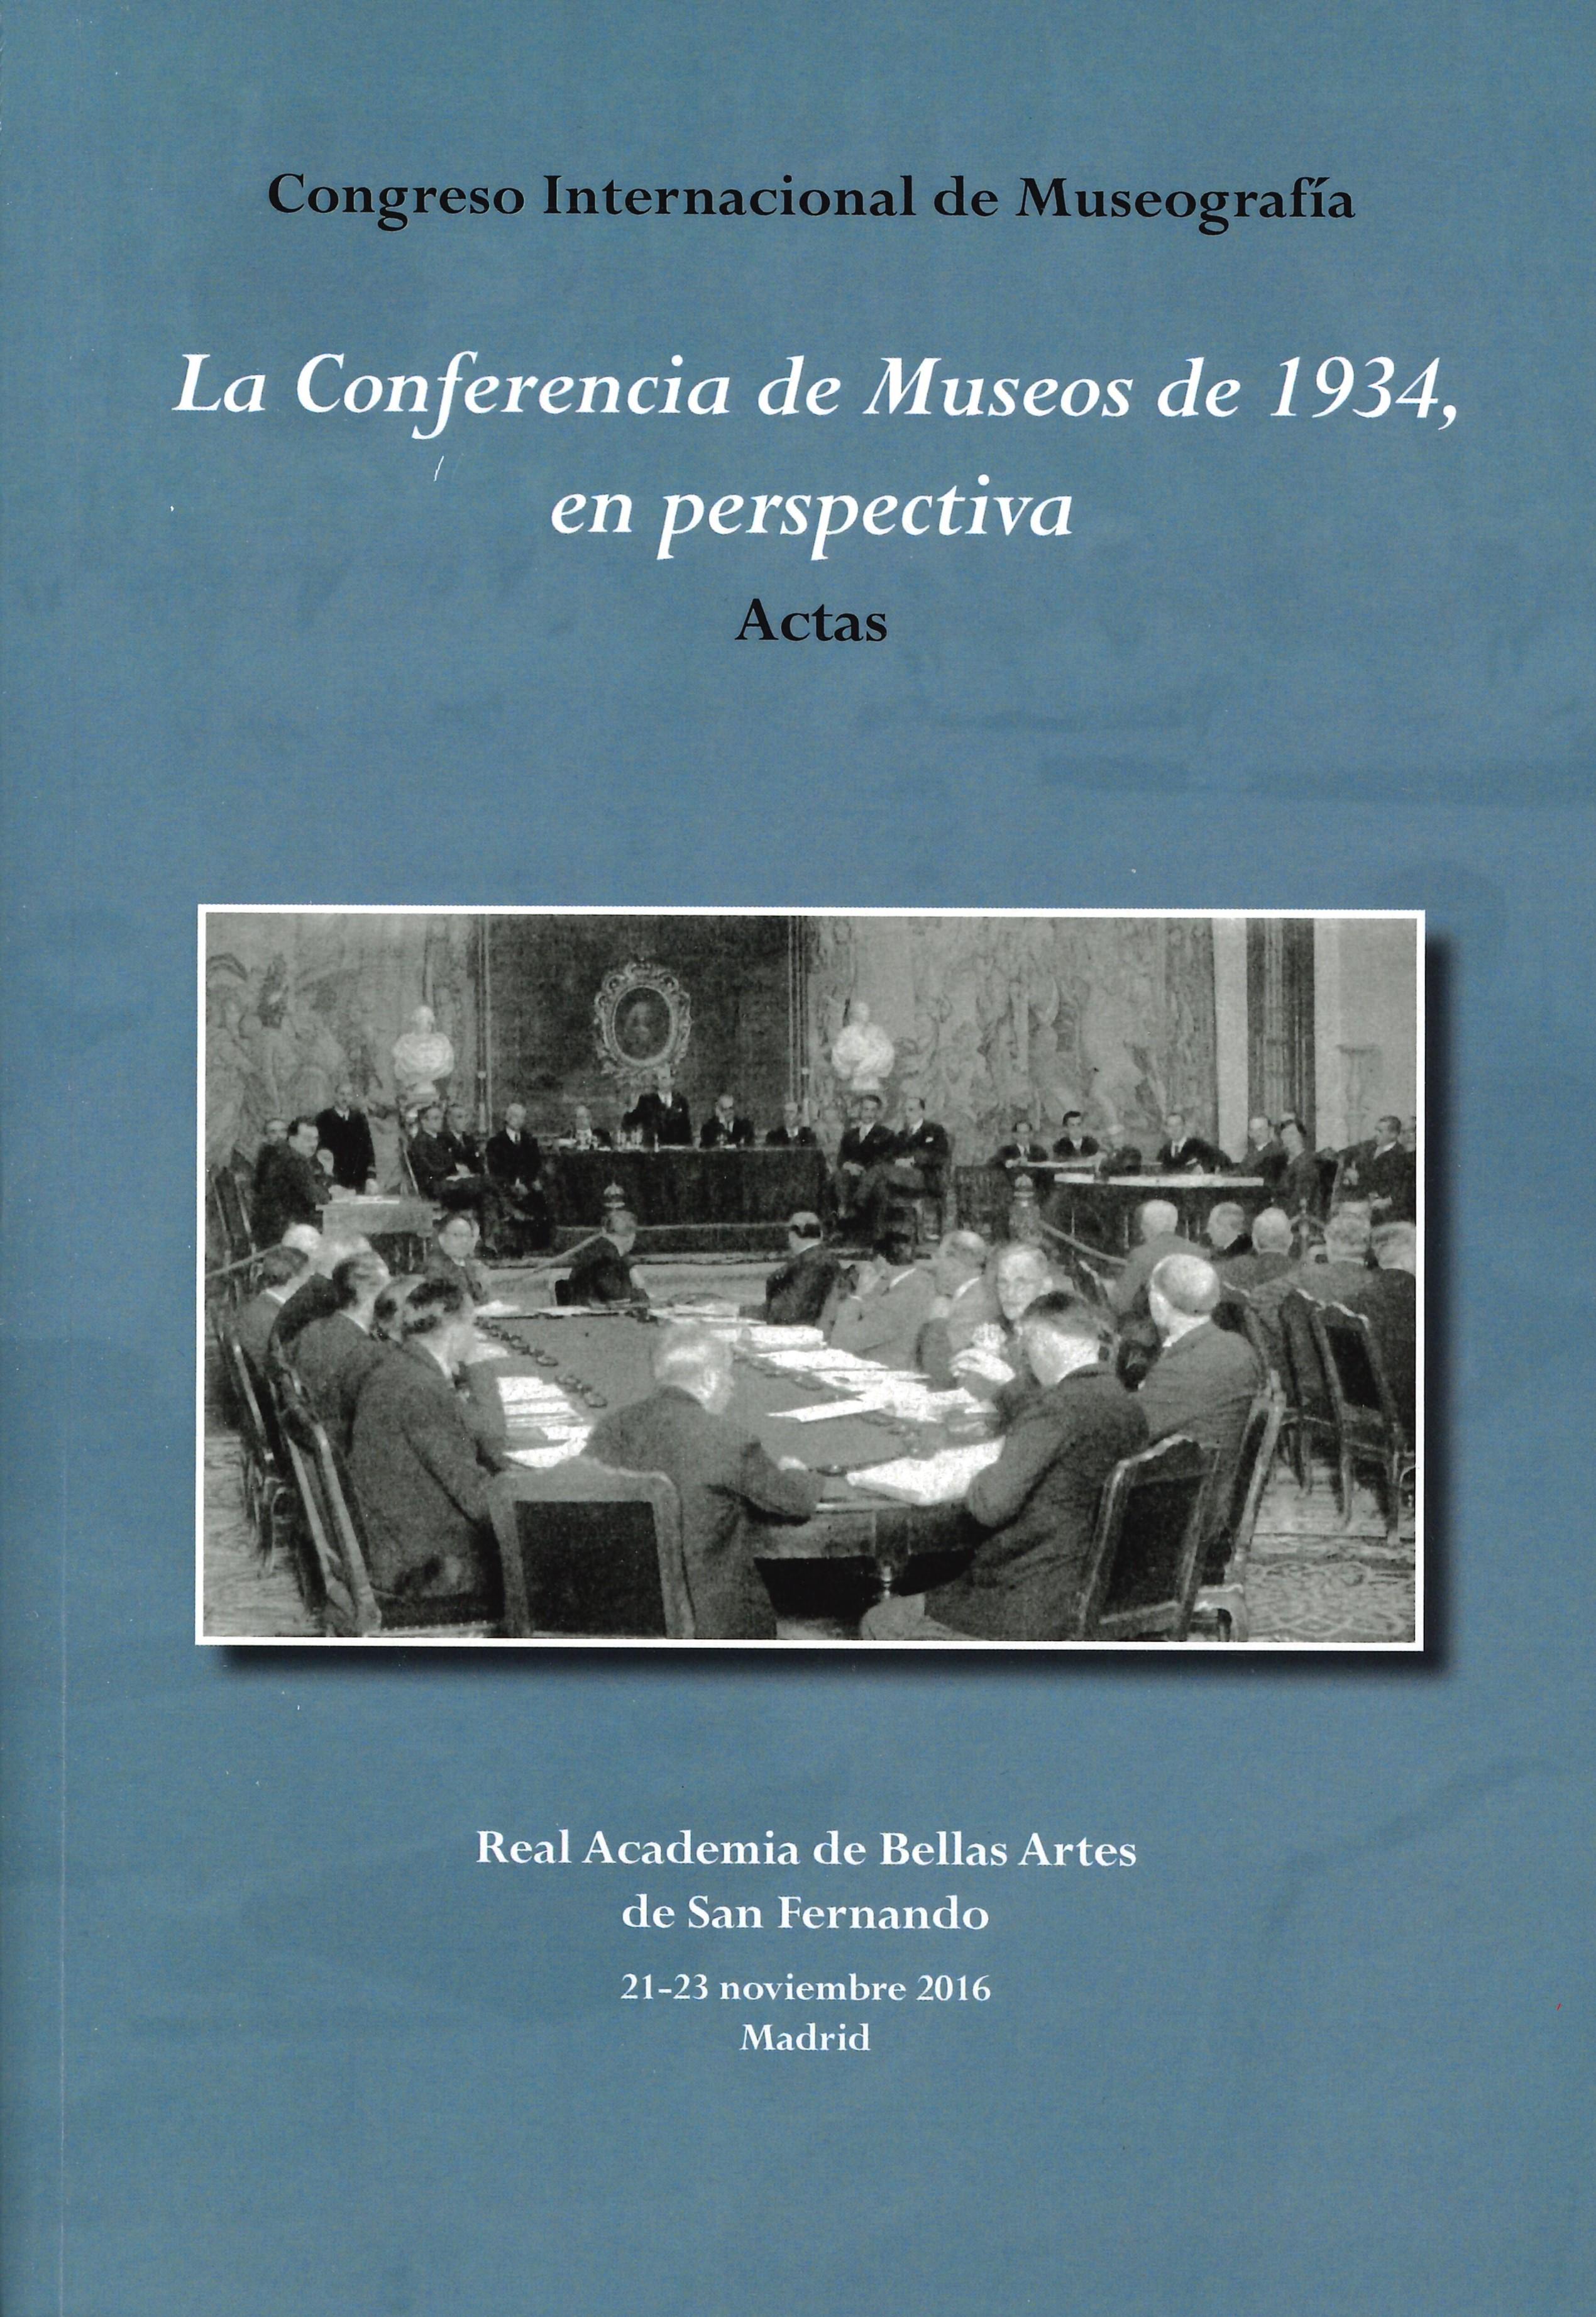 conferencia_museos.jpg